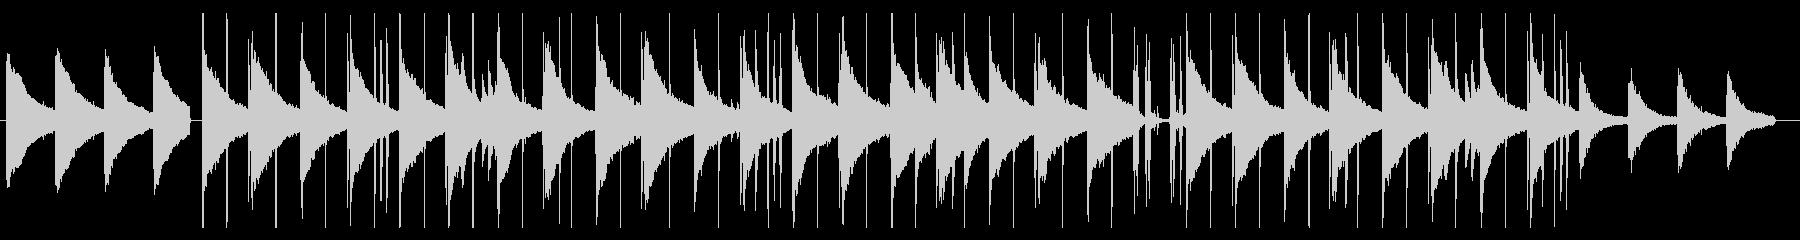 ピアノの落ち着いたLofi系バラードの未再生の波形